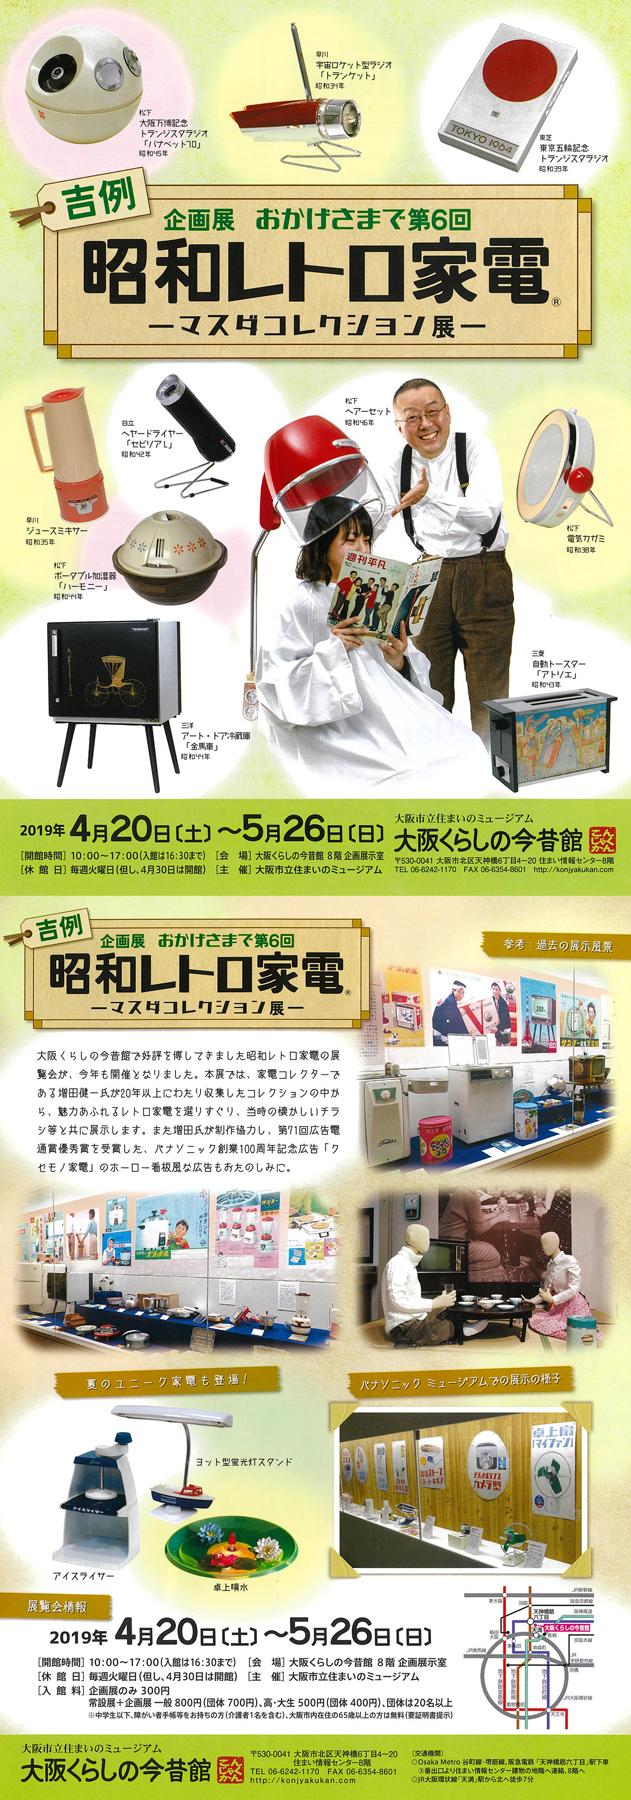 企画展「おかげさまで第6回 吉例 昭和レトロ家電 ―マスダコレクション展―」